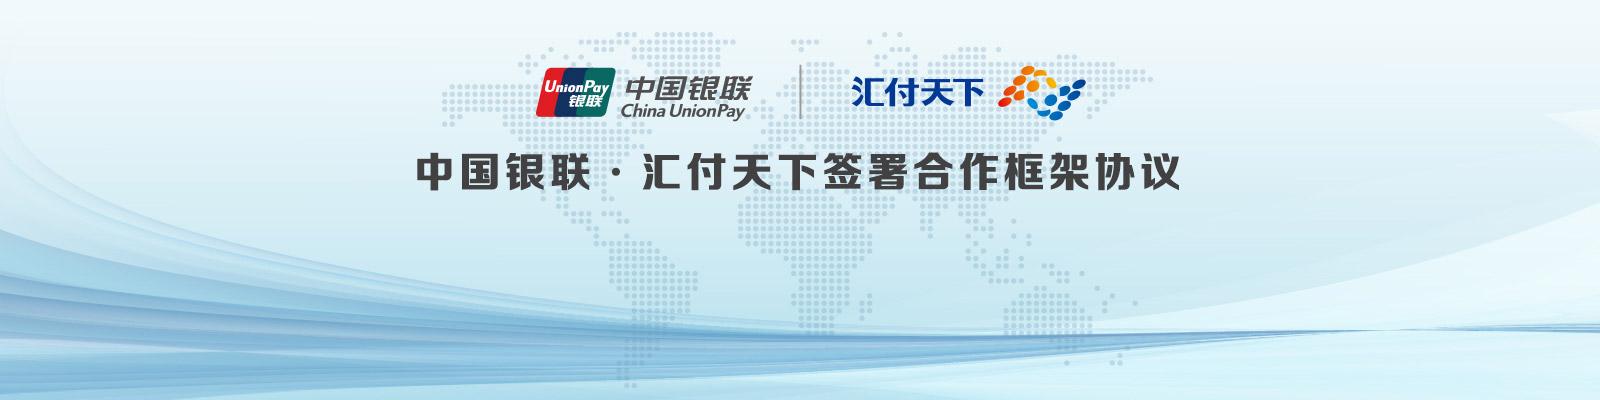 中国银联和千亿国际登录天下签署合作框架协议